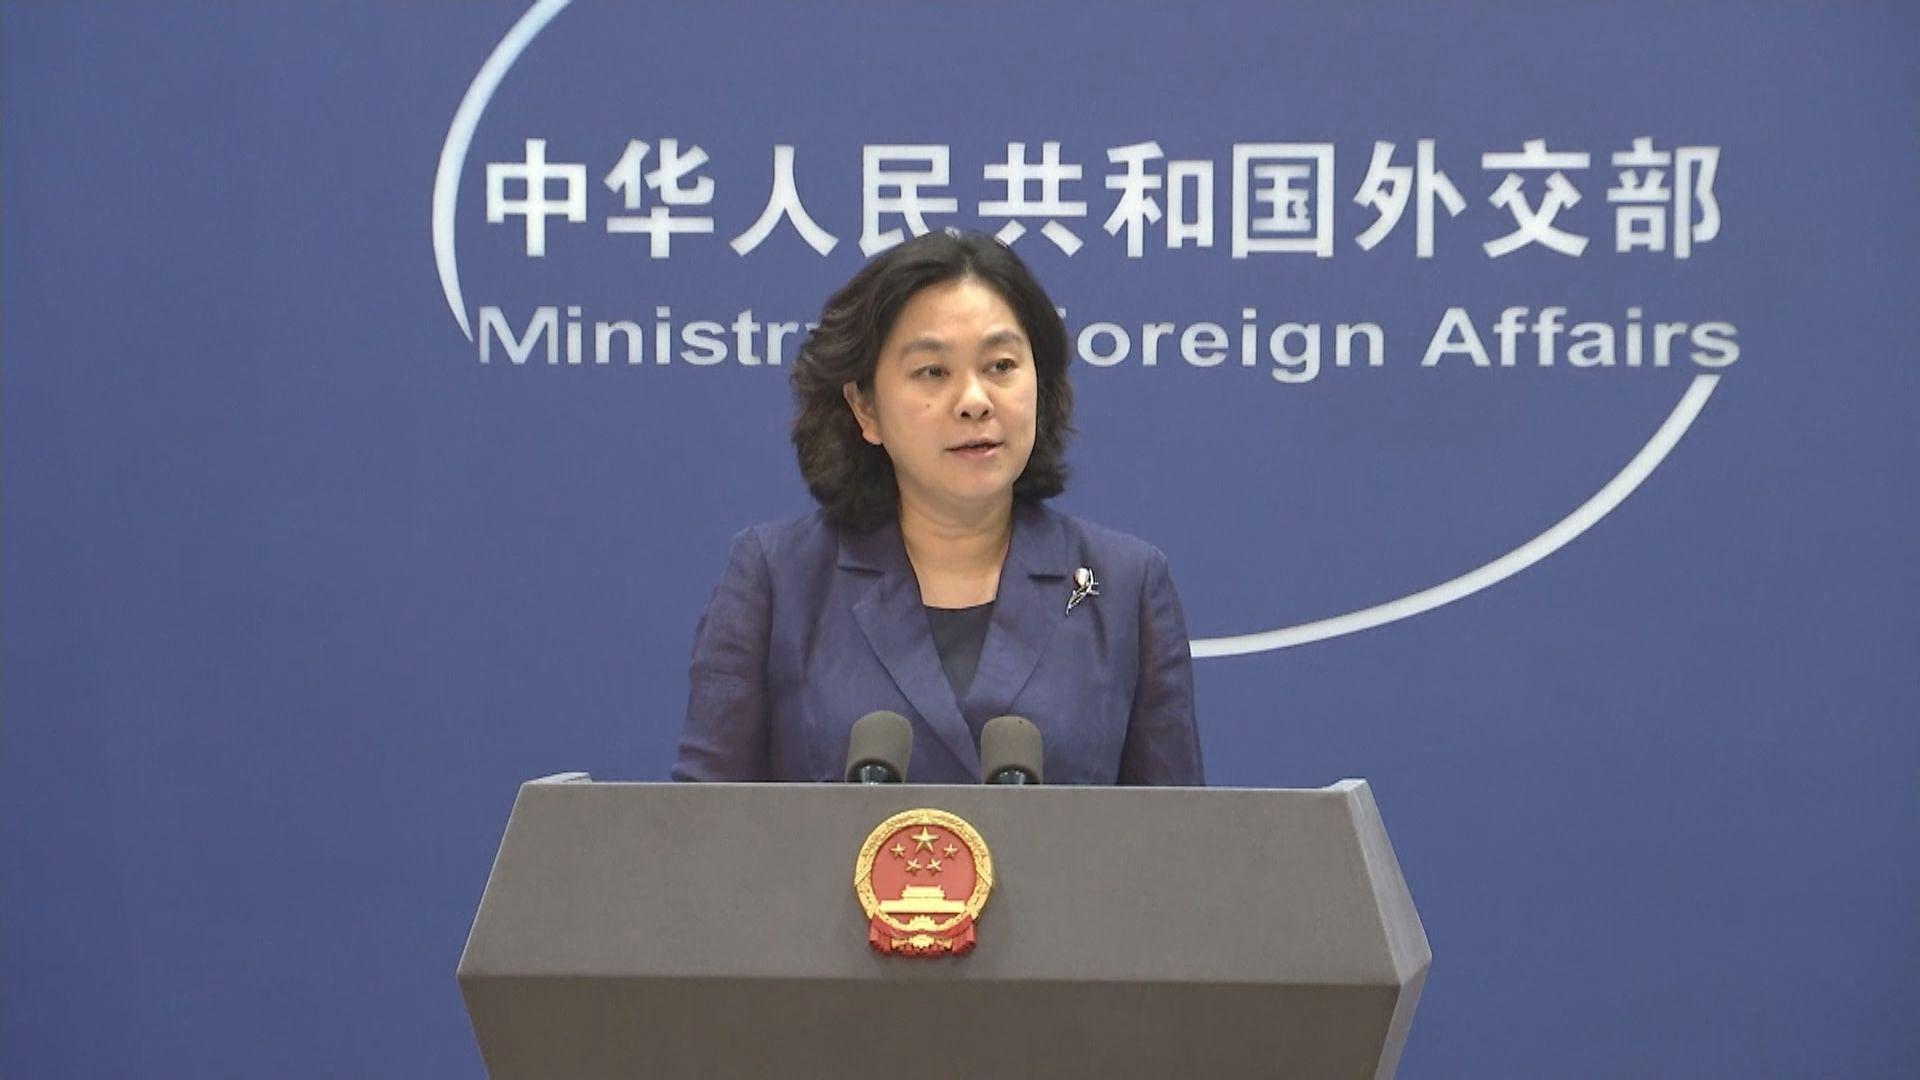 外交部指中方與塔利班保持聯繫但不干涉阿富汗內政